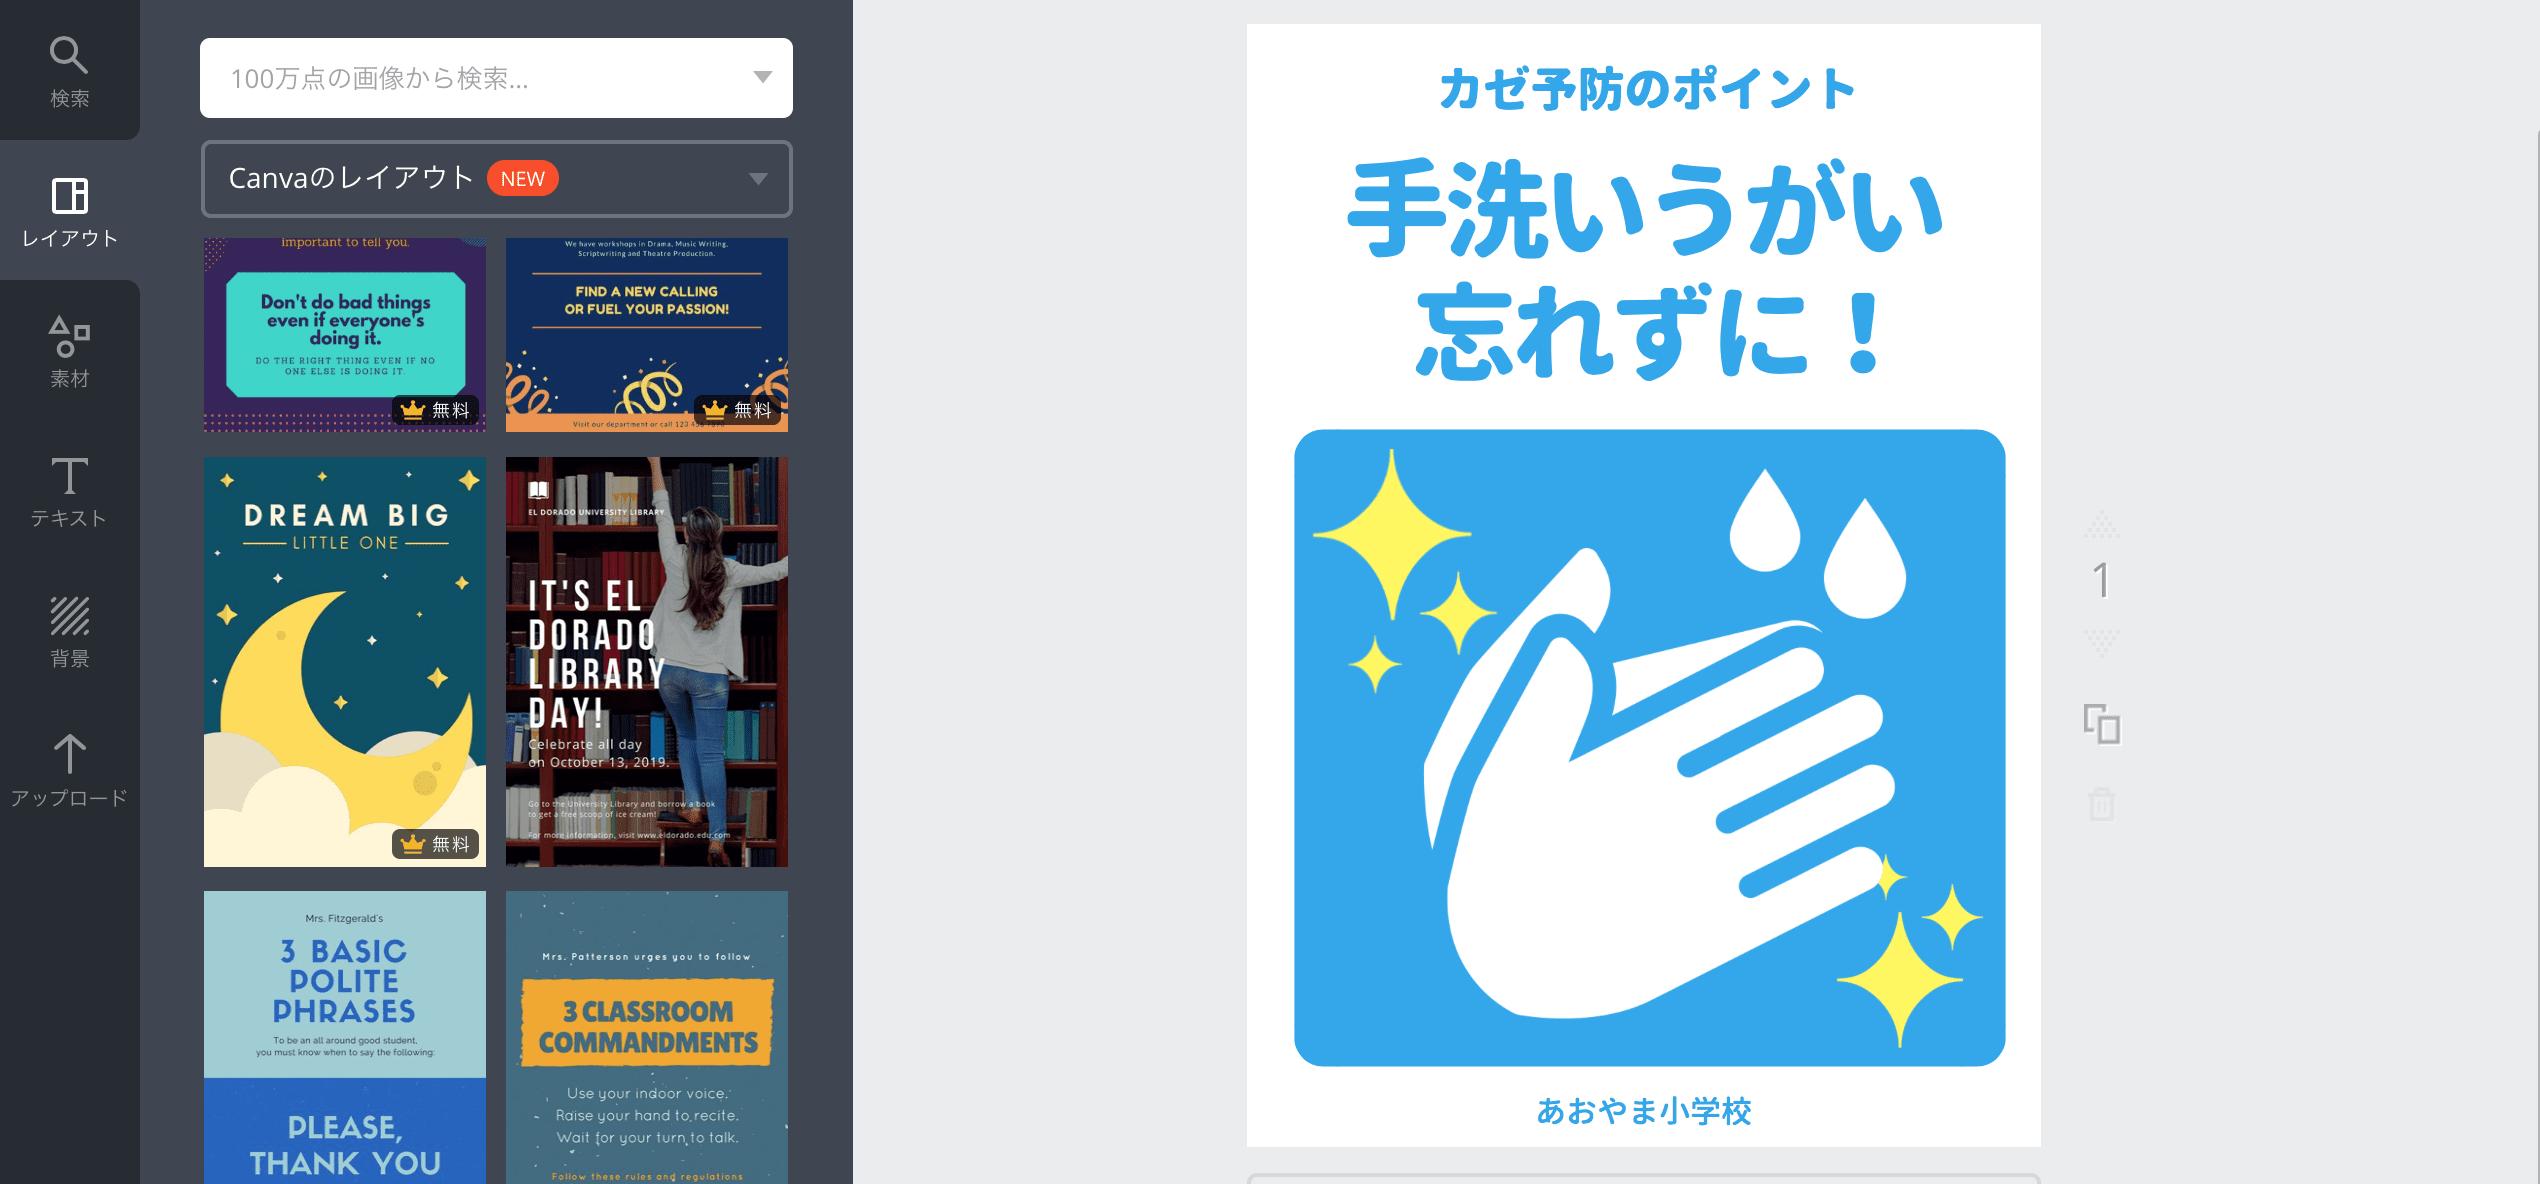 手洗いうがいポスターの作成が無料で簡単に